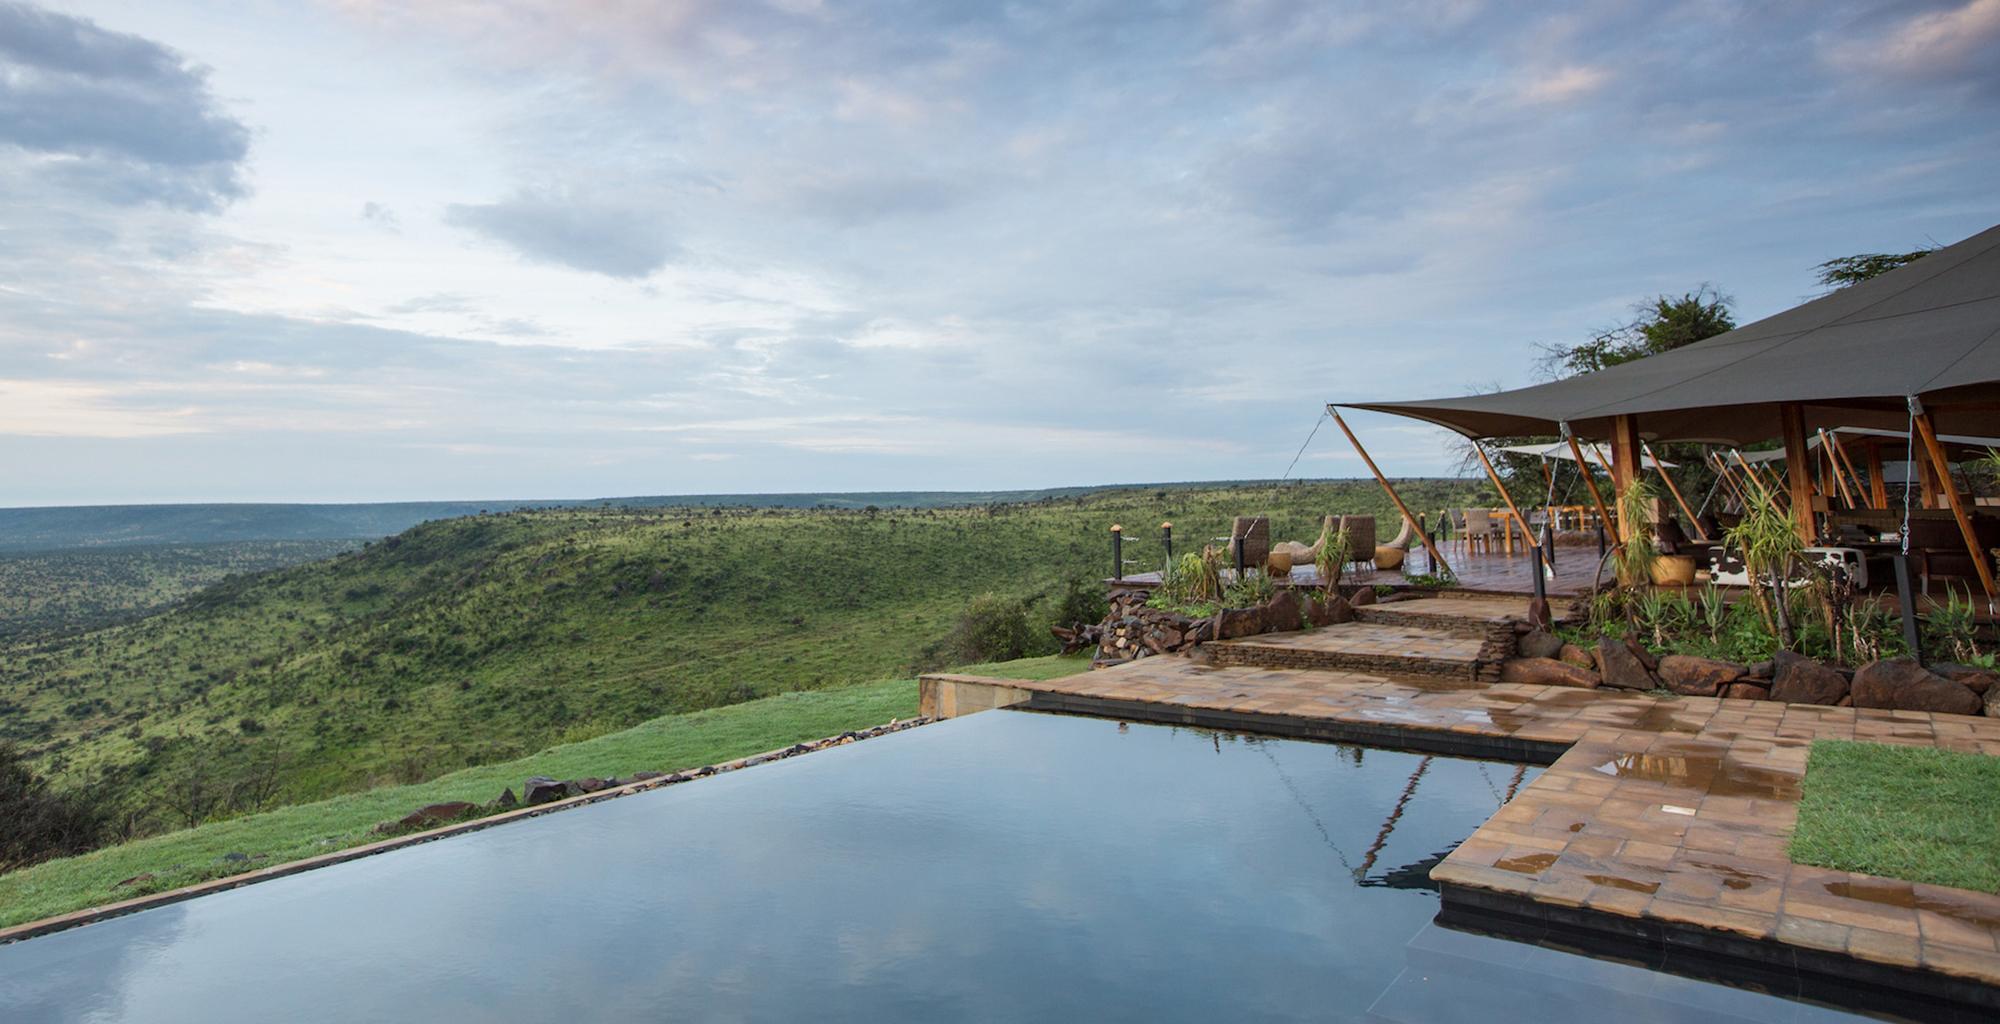 Kenya-Loisaba-Tented-Camp-Exterior